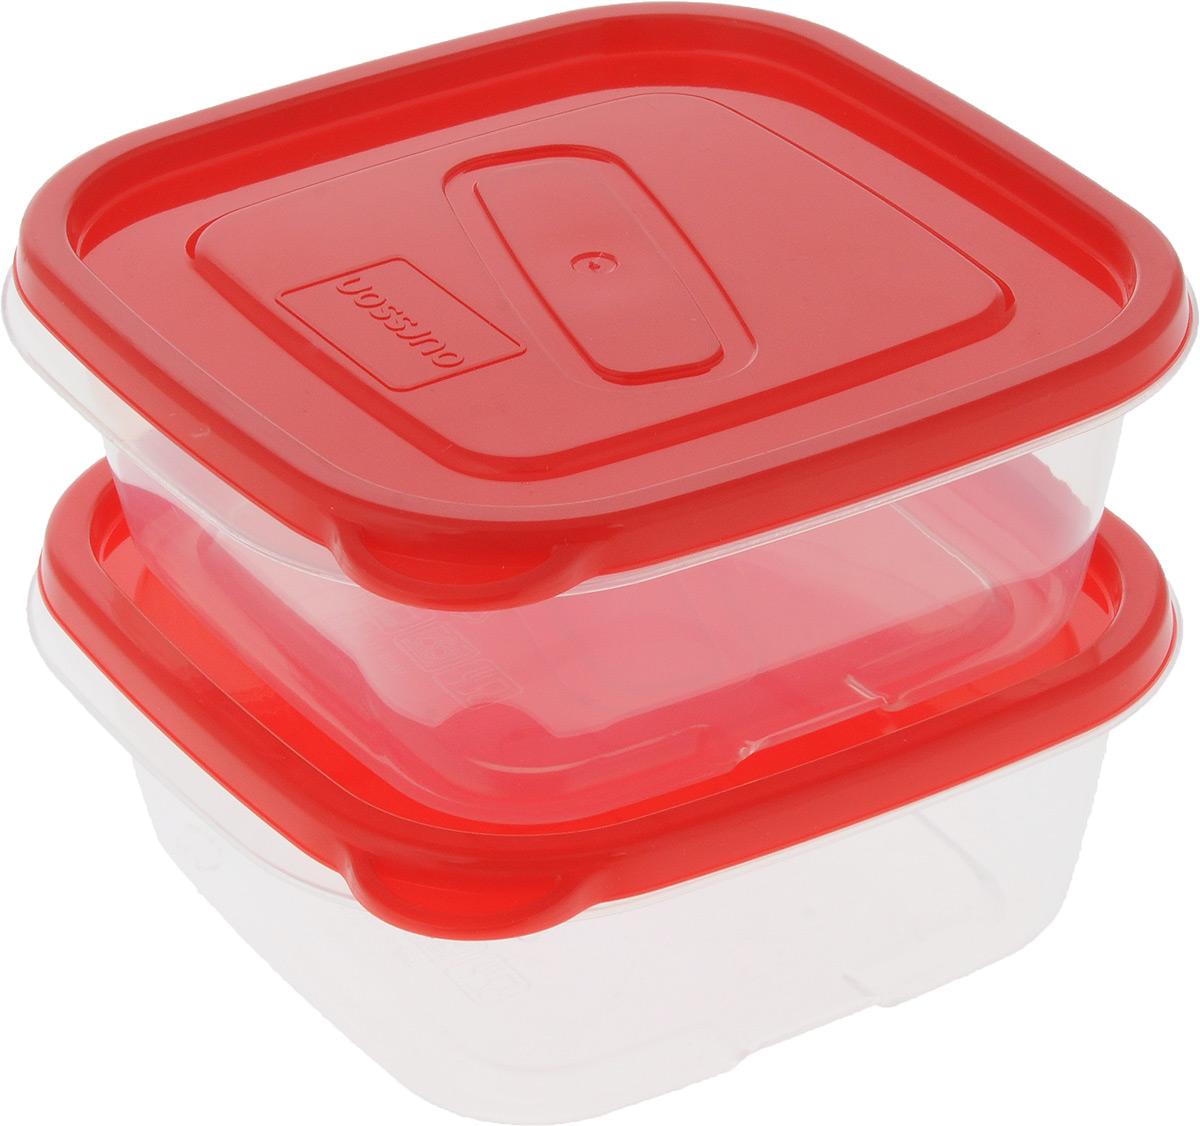 Набор контейнеров Oursson, квадратные, цвет: прозрачный, красный, 0,45 л, 2 штVT-1520(SR)Набор Oursson состоит из двух контейнеров, которые изготовлены из высококачественного пластика. Изделие идеально подходит не только для хранения, но и для транспортировки пищи. Контейнеры оснащены плотно закрывающимися крышками. Можно использовать в СВЧ-печах, холодильниках и морозильных камерах. Можно мыть в посудомоечной машине. Размер контейнеров (без учета крышки): 12 х 12 см. Высота контейнеров (без учета крышки): 5 см.